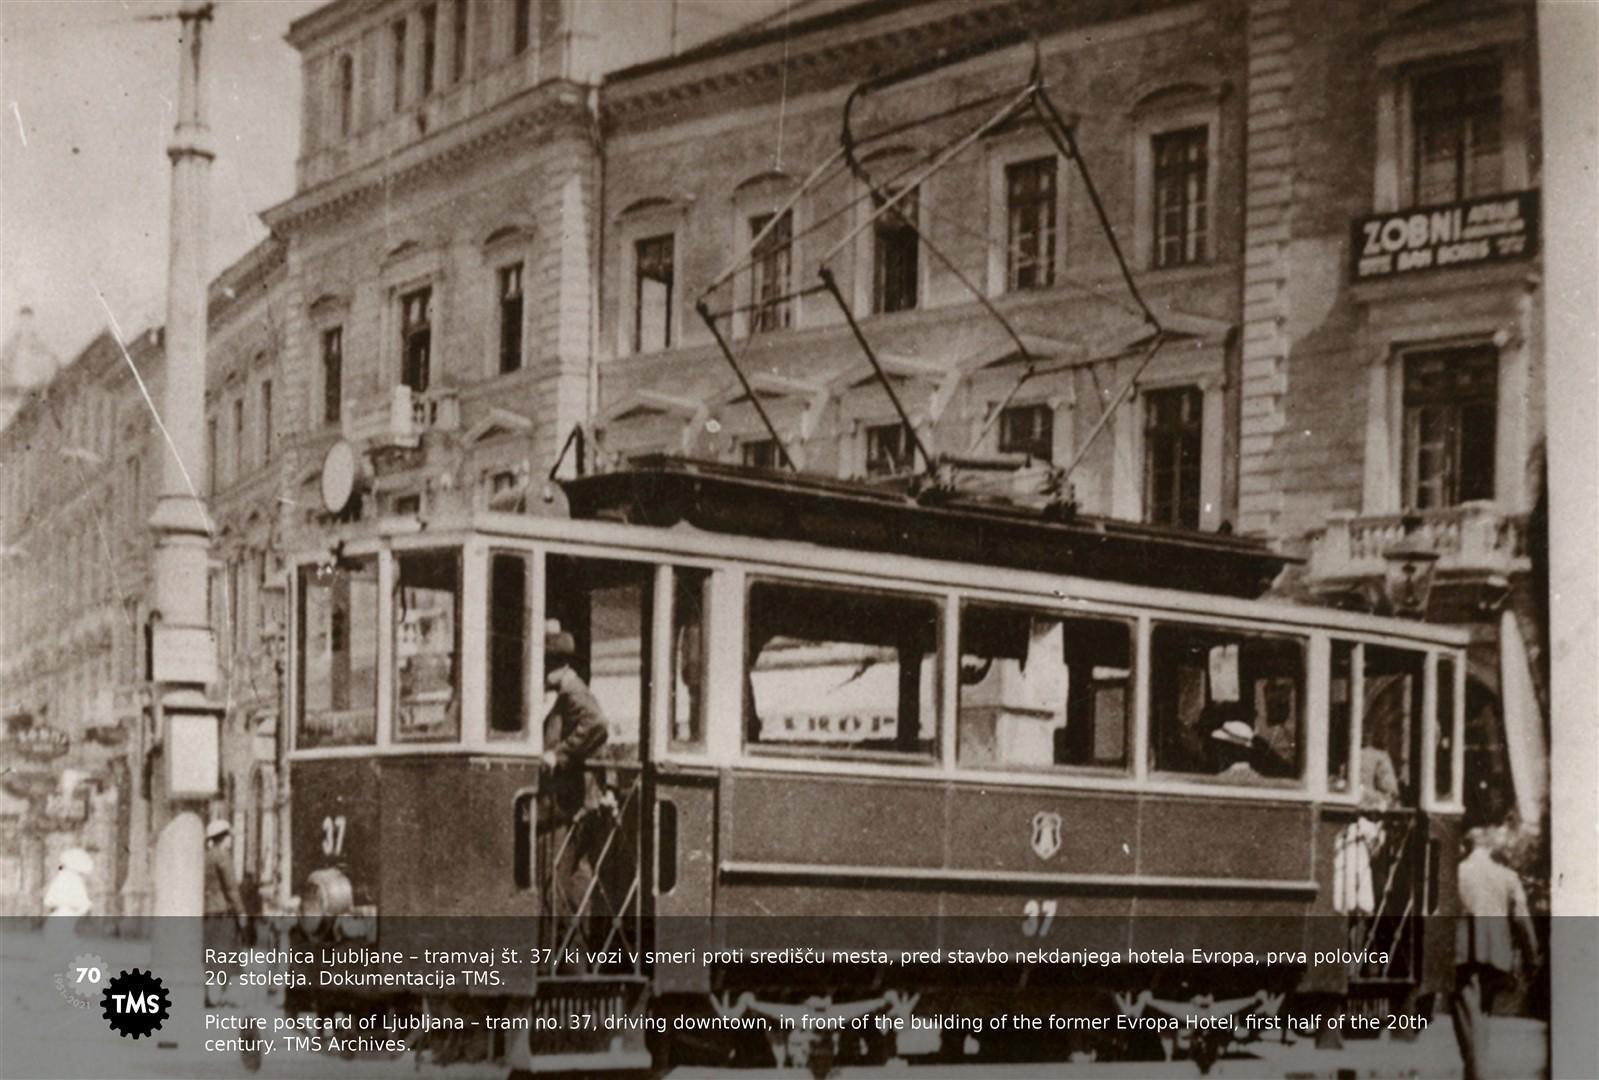 Razglednica Ljubljane - tramvaj št. 37